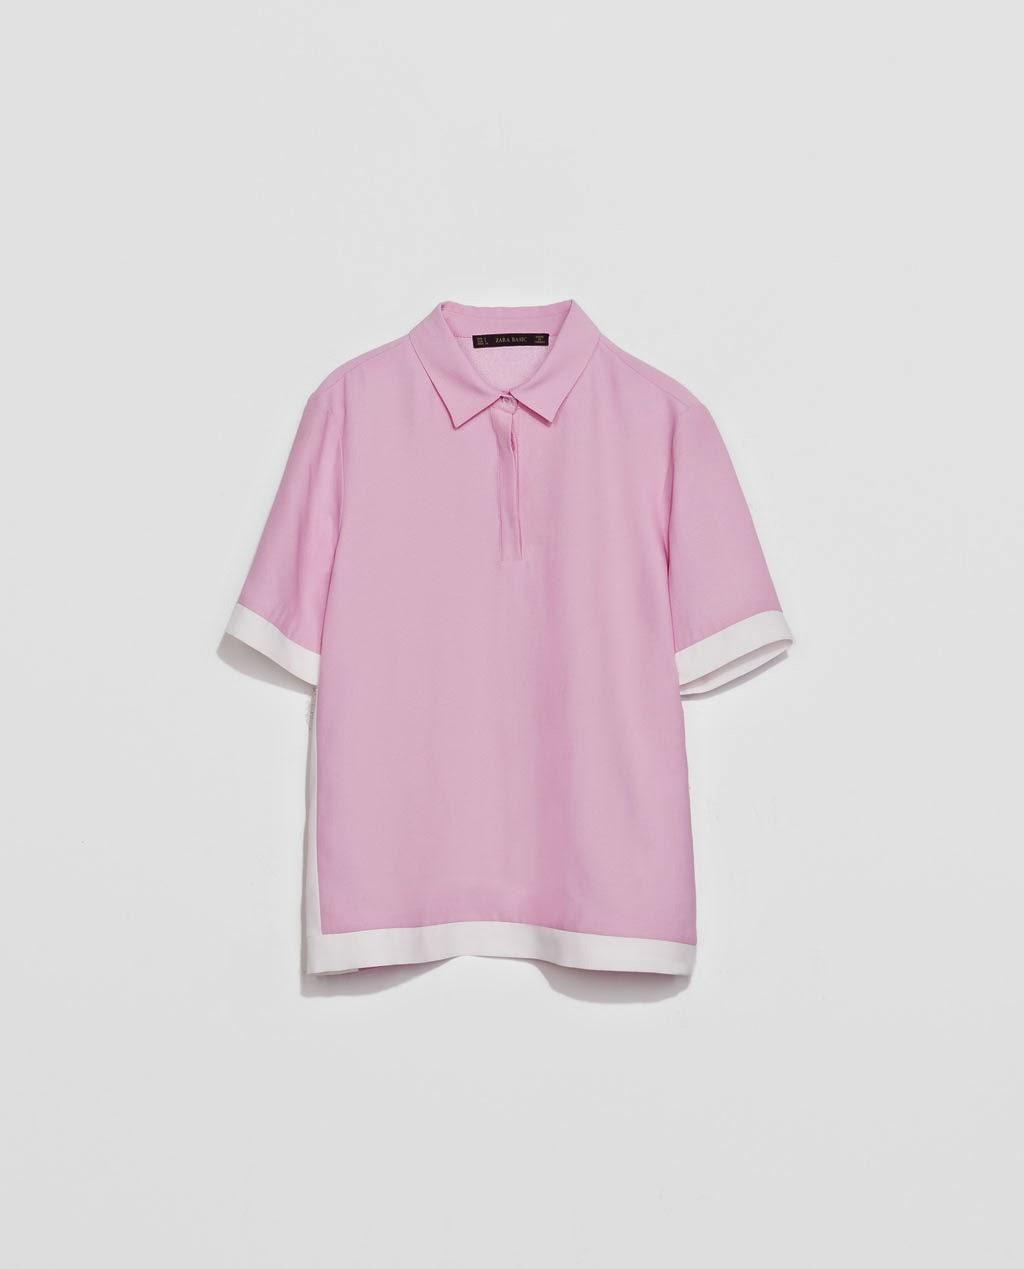 Polo, Rosa, Zara, Pink, street style, fashion style